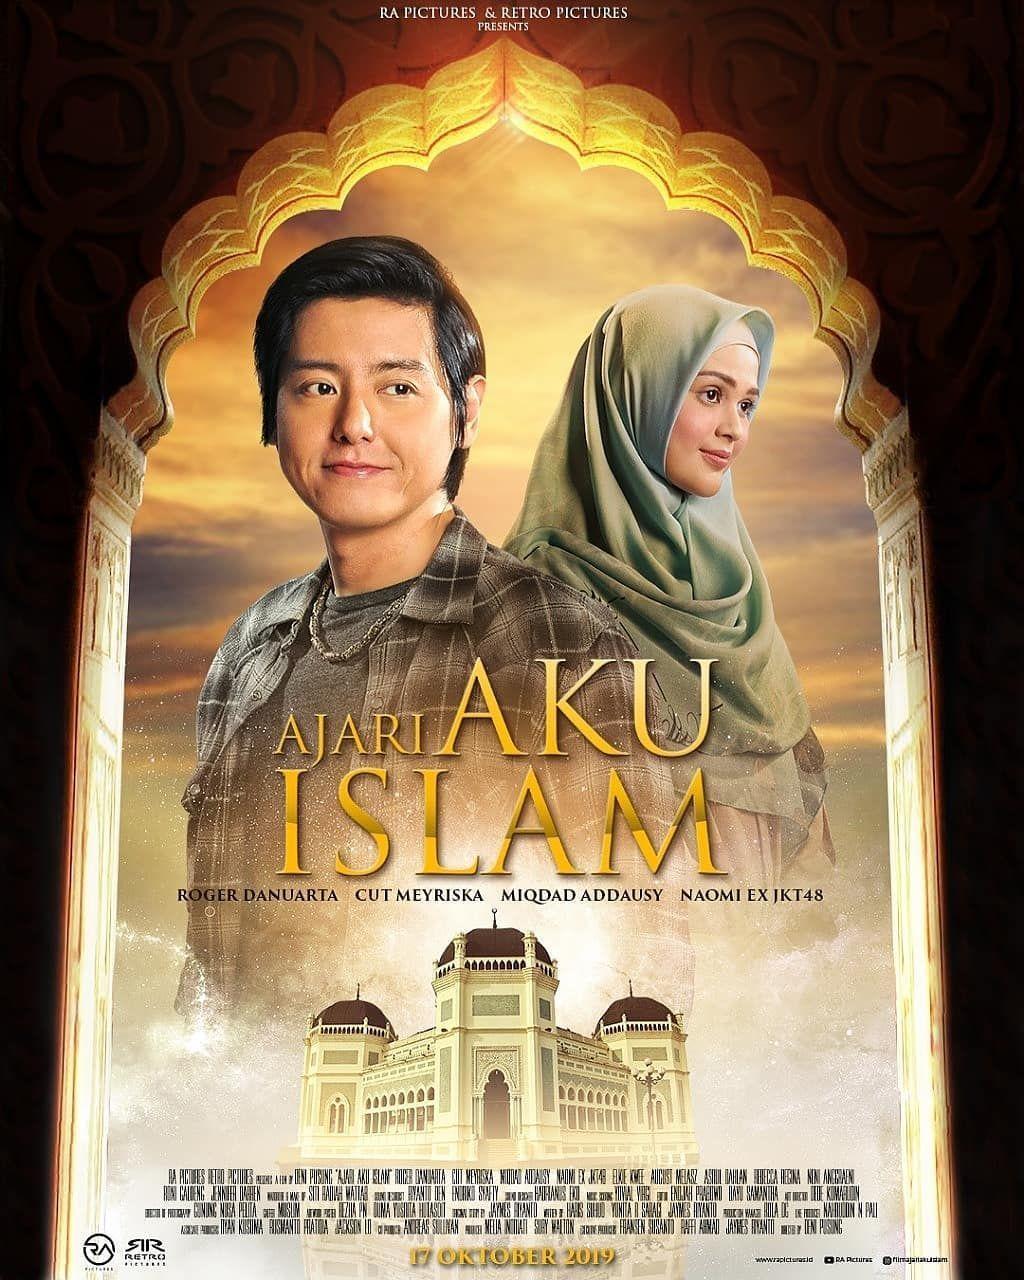 Didominasi Drama dan Horor, ini 11 Film Indonesia Tayang Oktober 2019